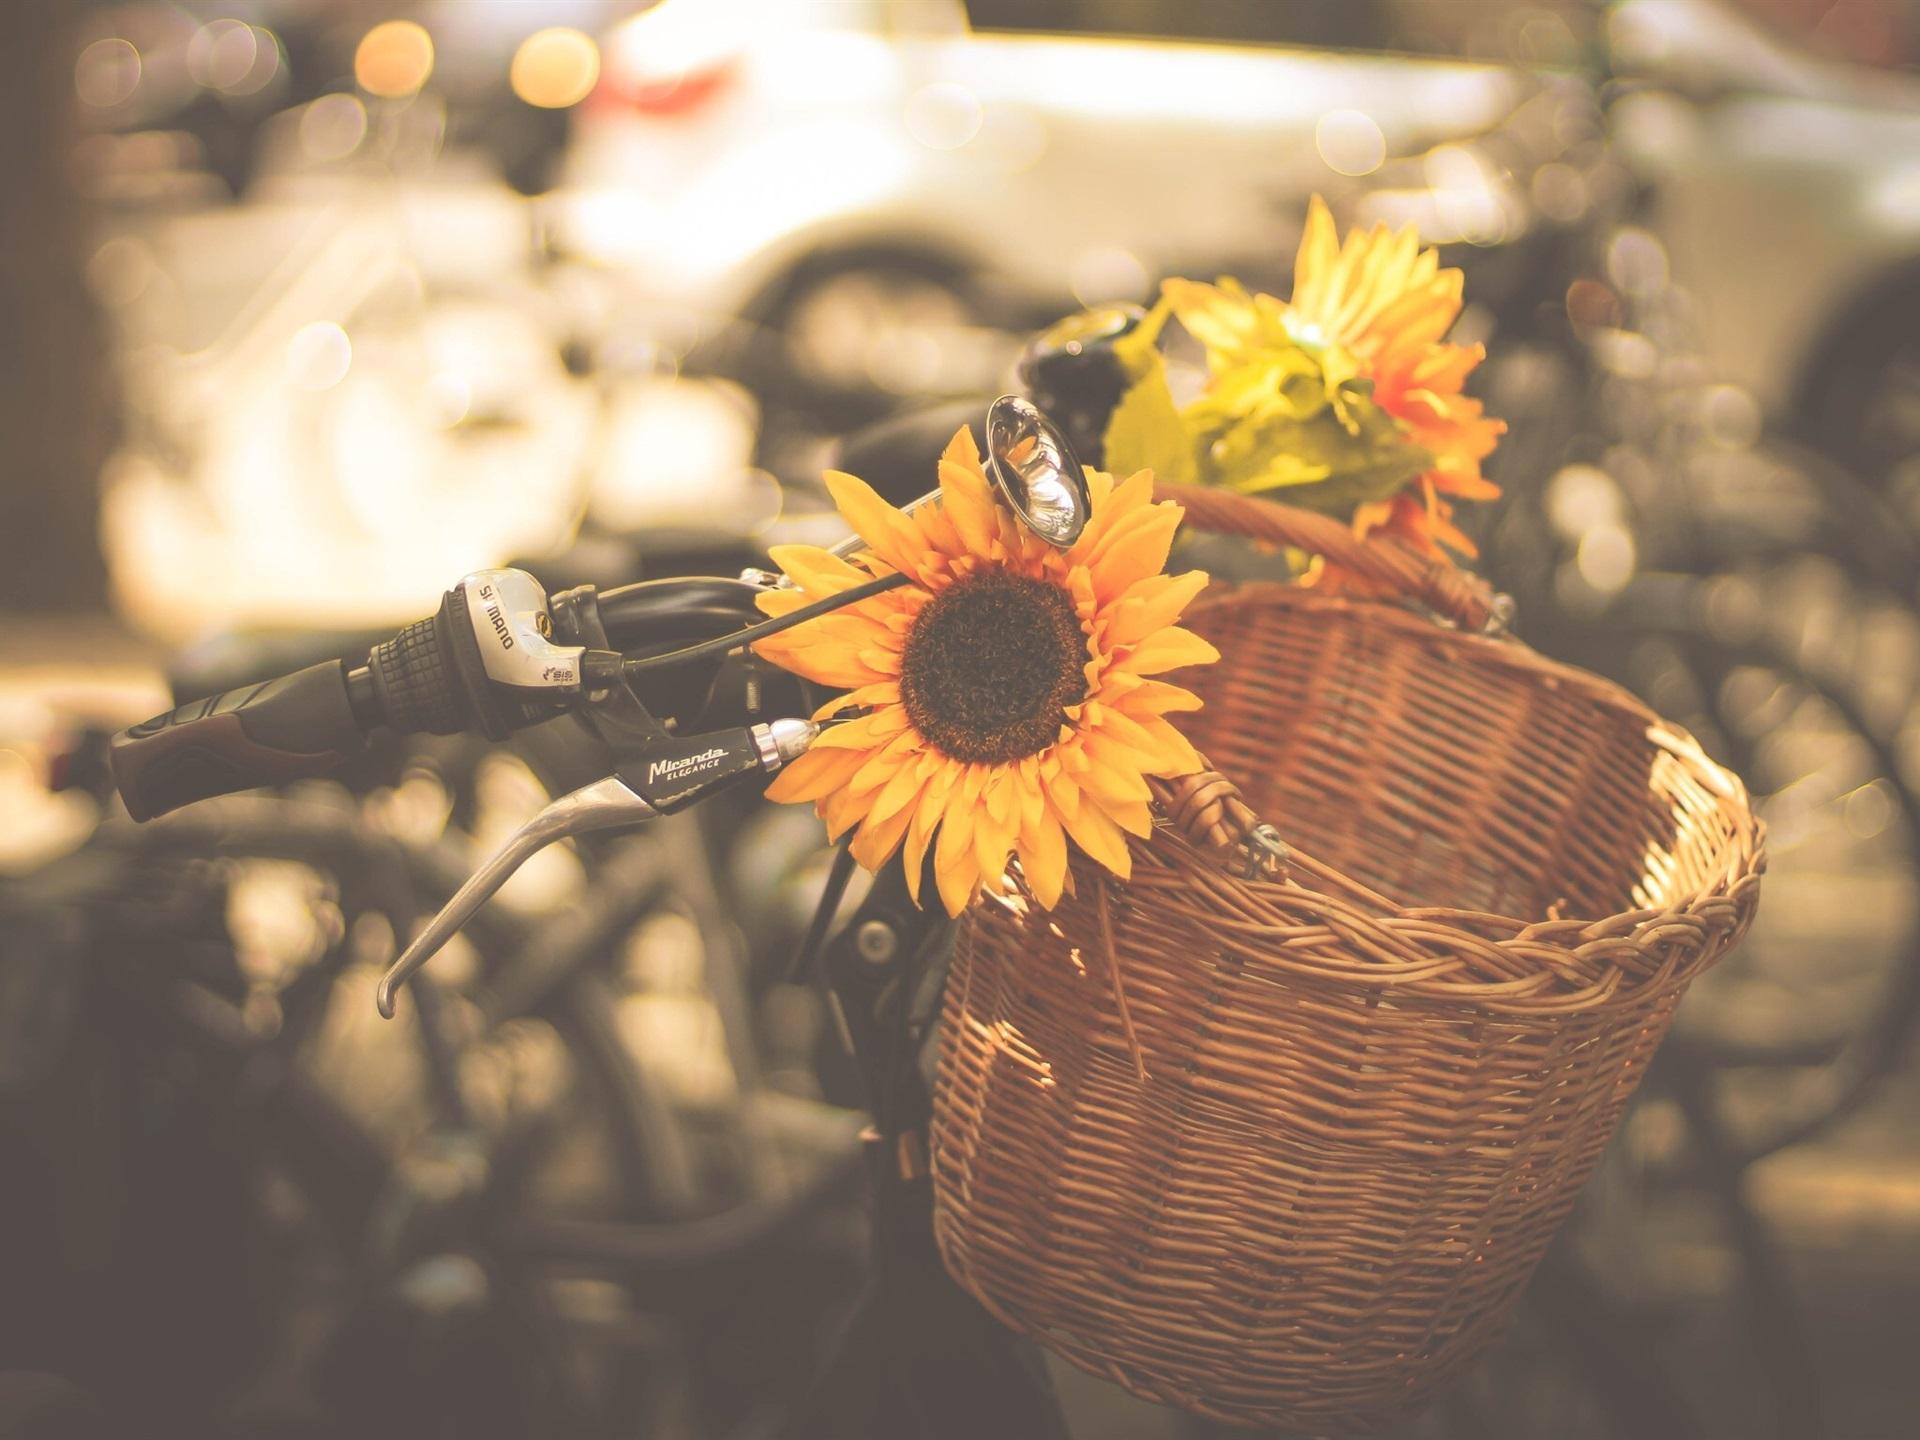 Fondos De Pantalla Girasoles, Bicicleta 1920x1440 HD Imagen